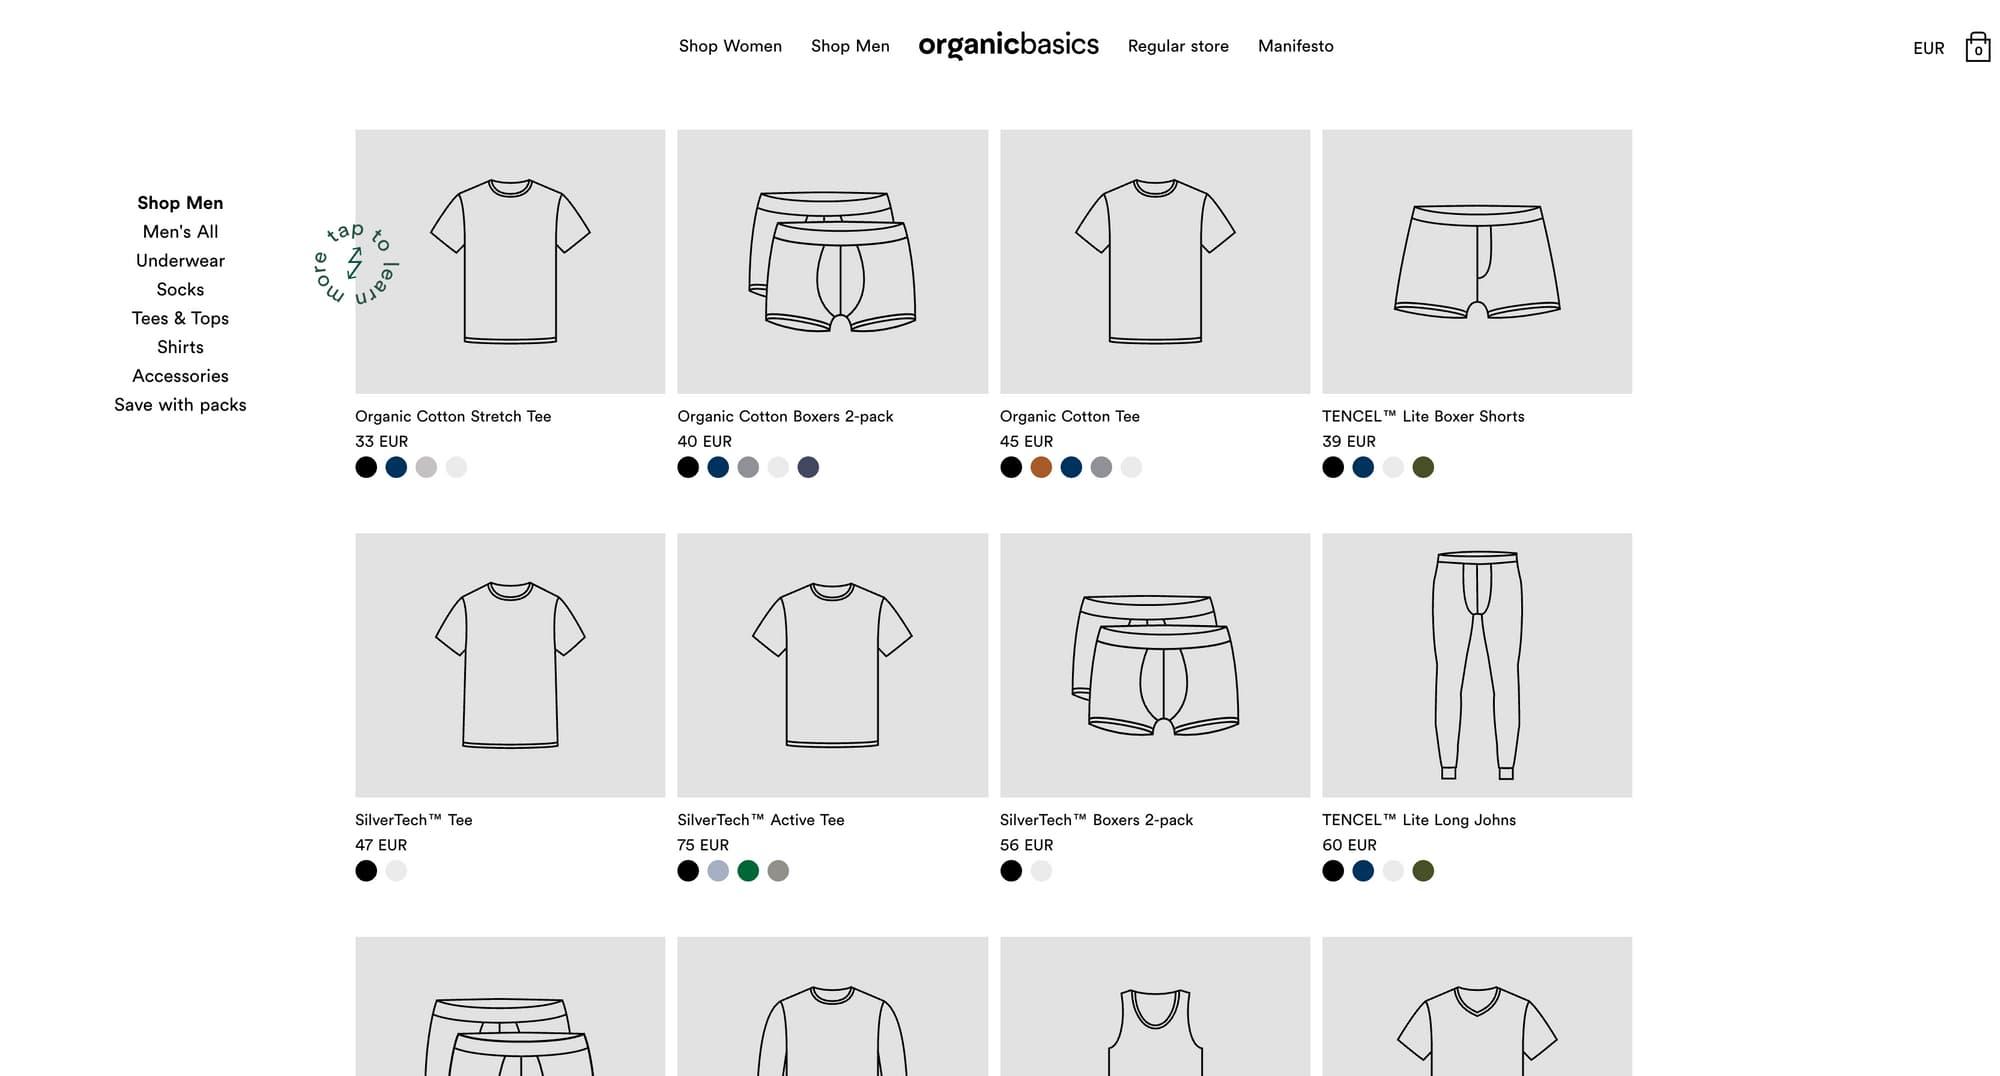 Basics organics